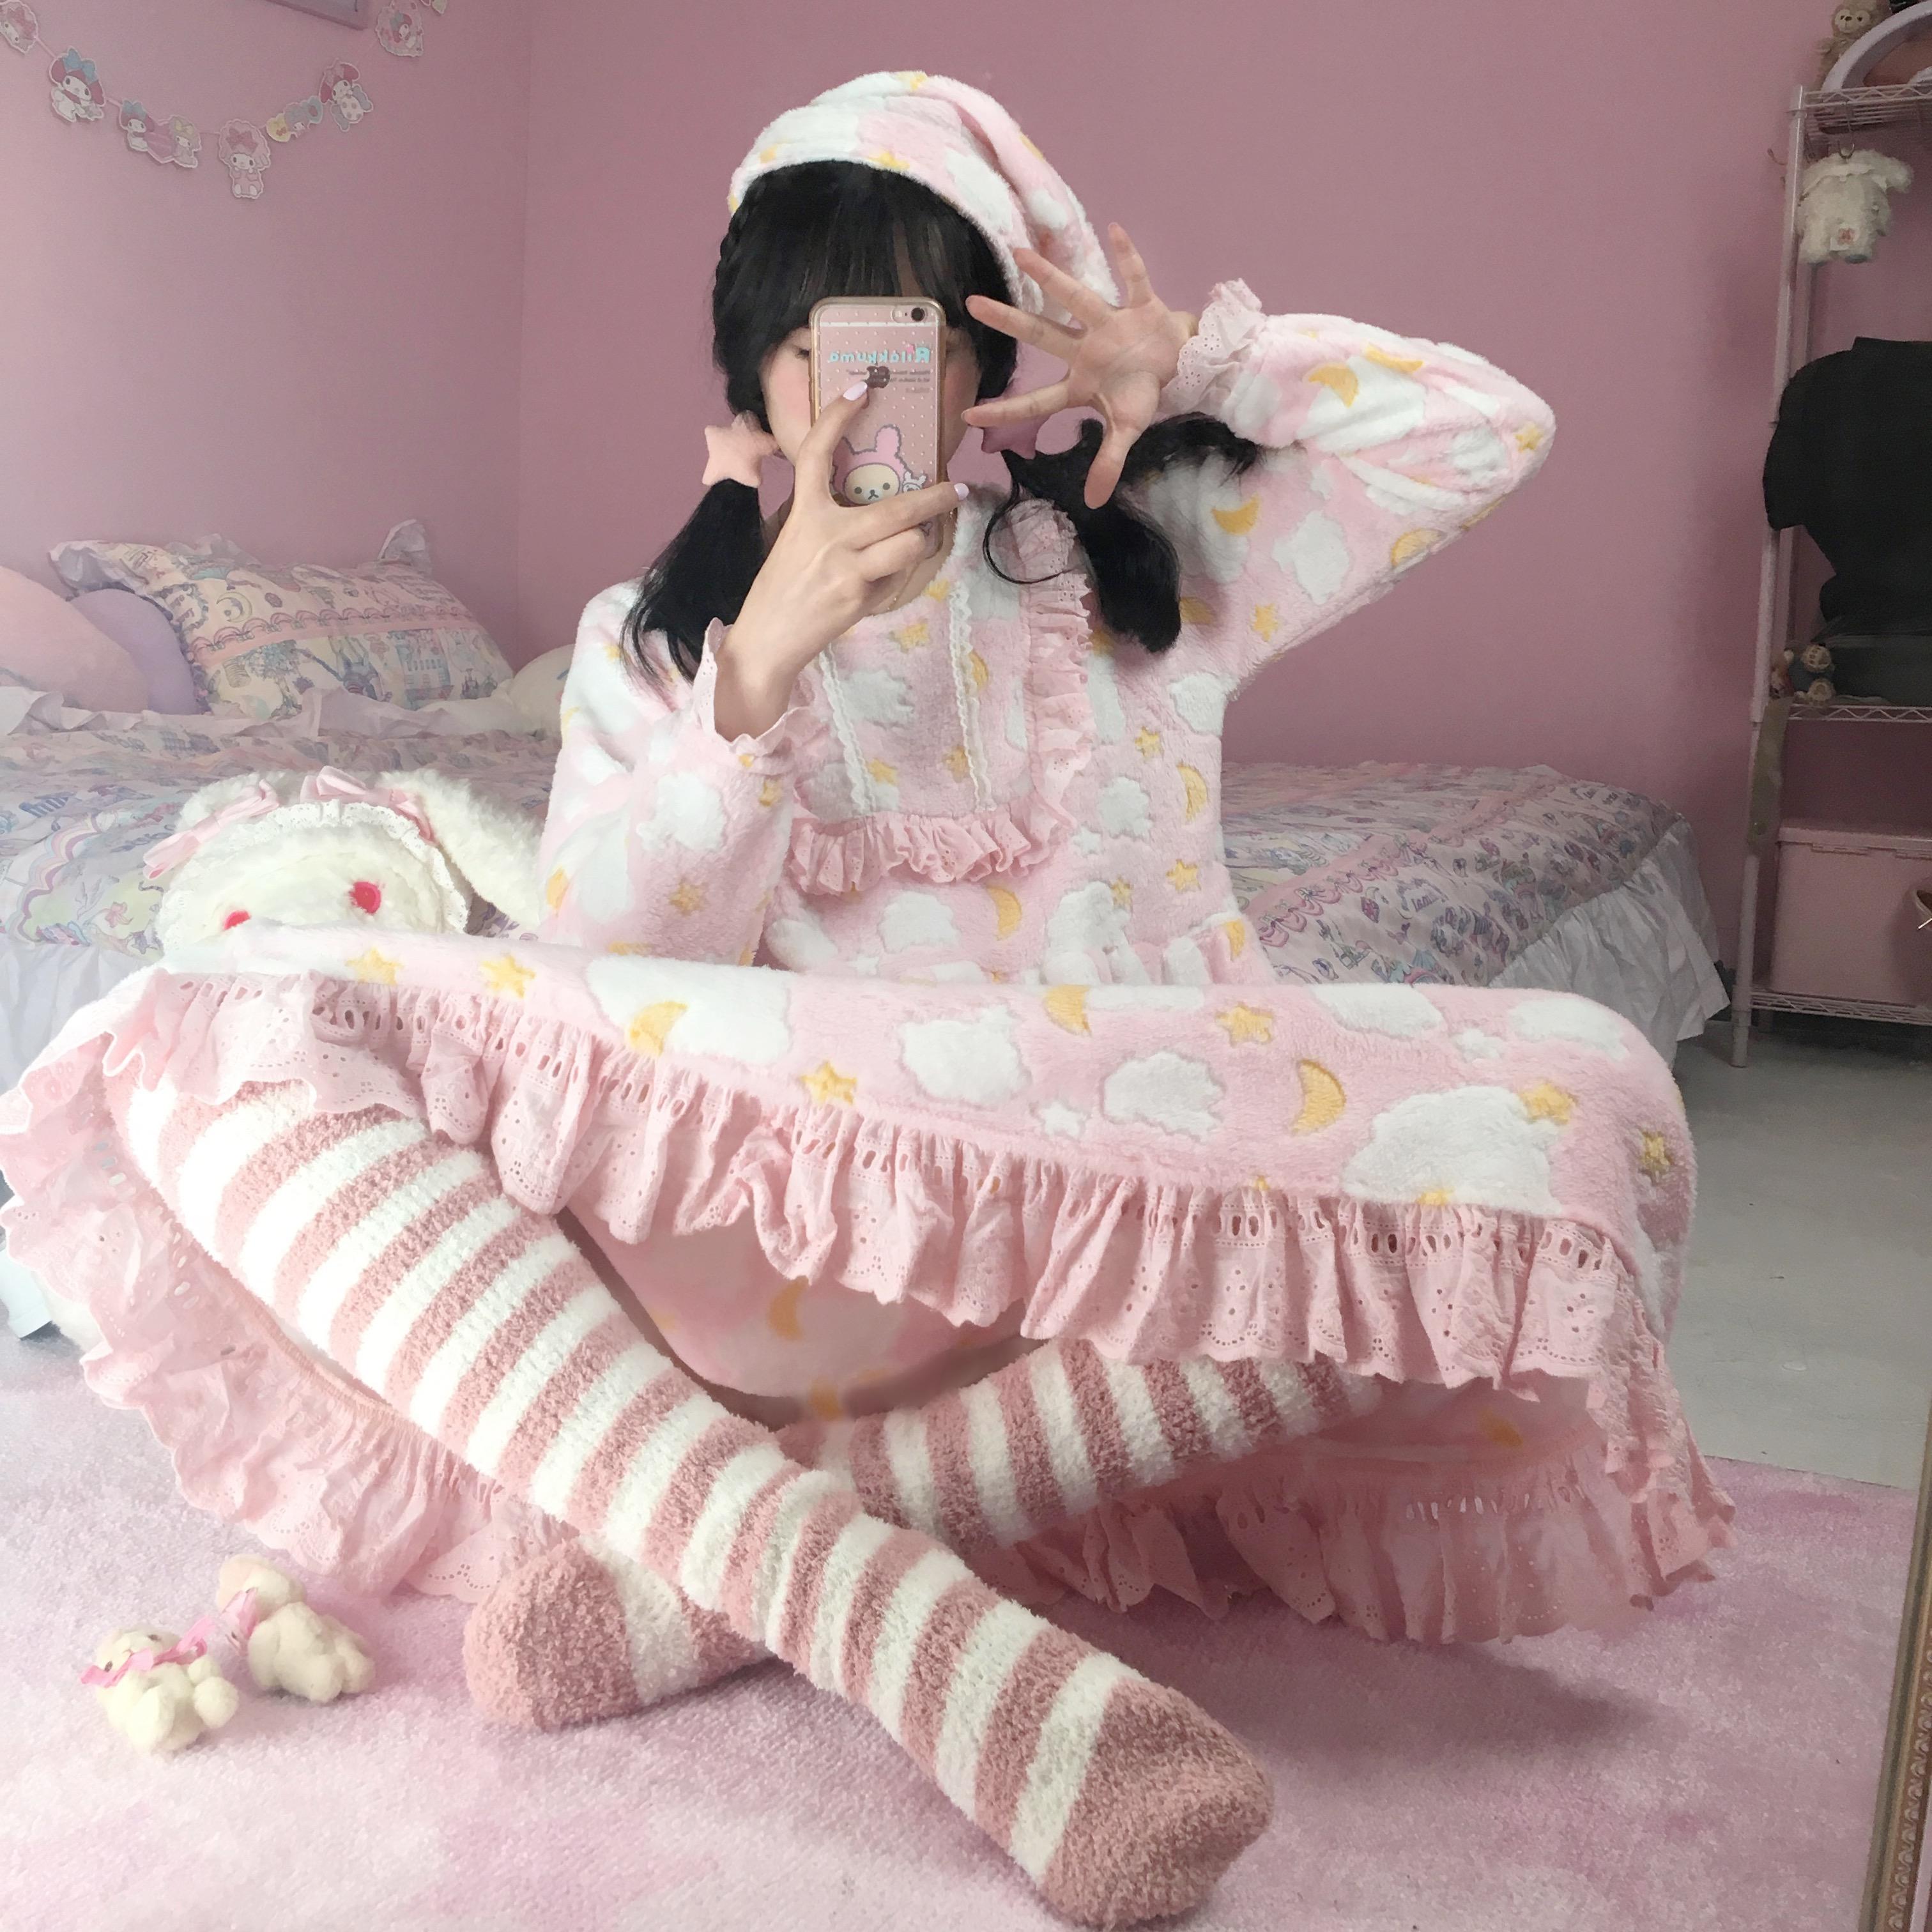 【十二工作室】晚安睡衣 经典款 珊瑚绒家居适用